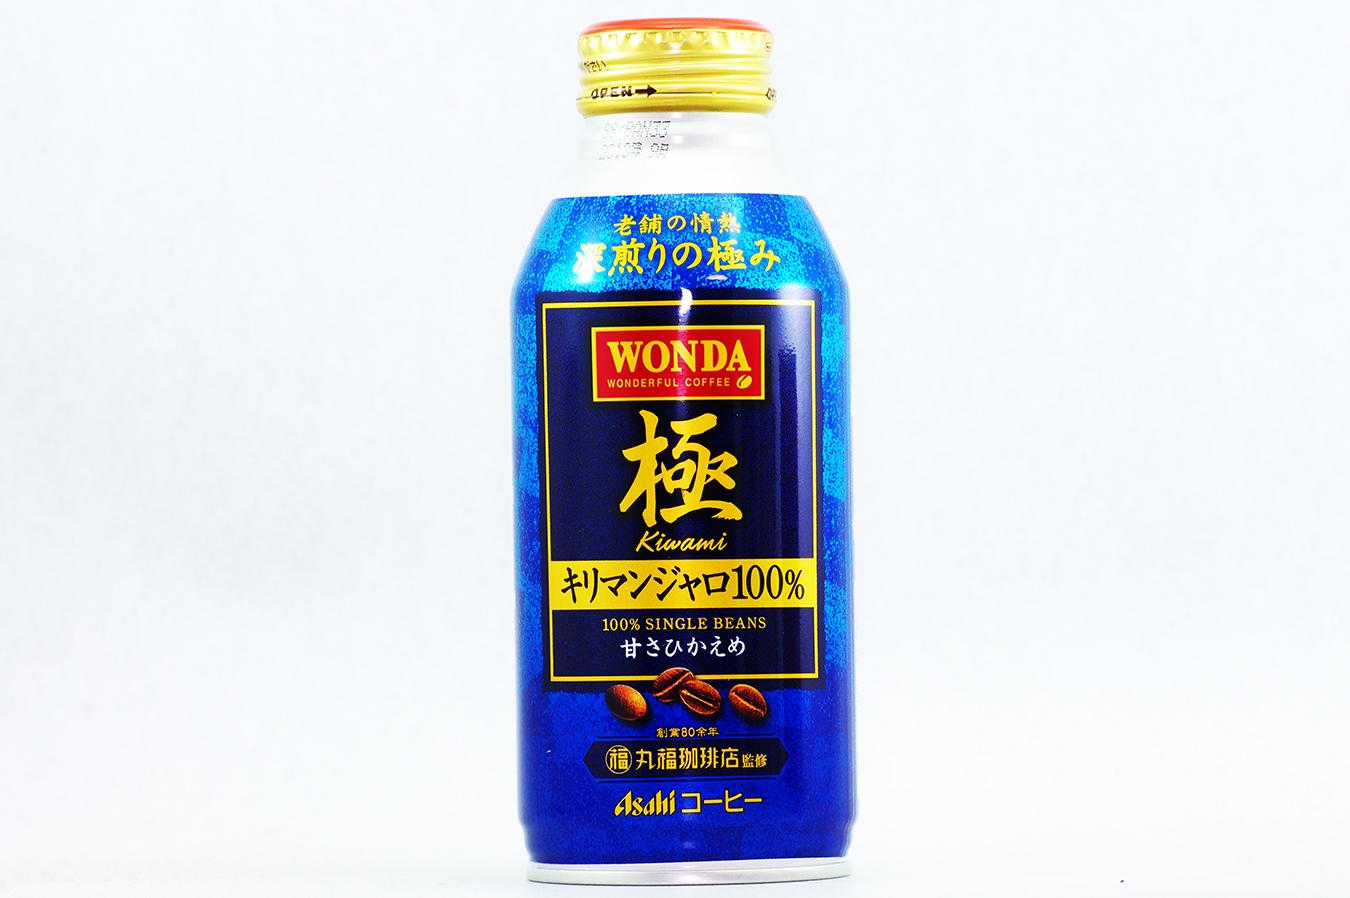 WONDA 極 キリマンジャロ100% ボトル缶370g 2017年10月